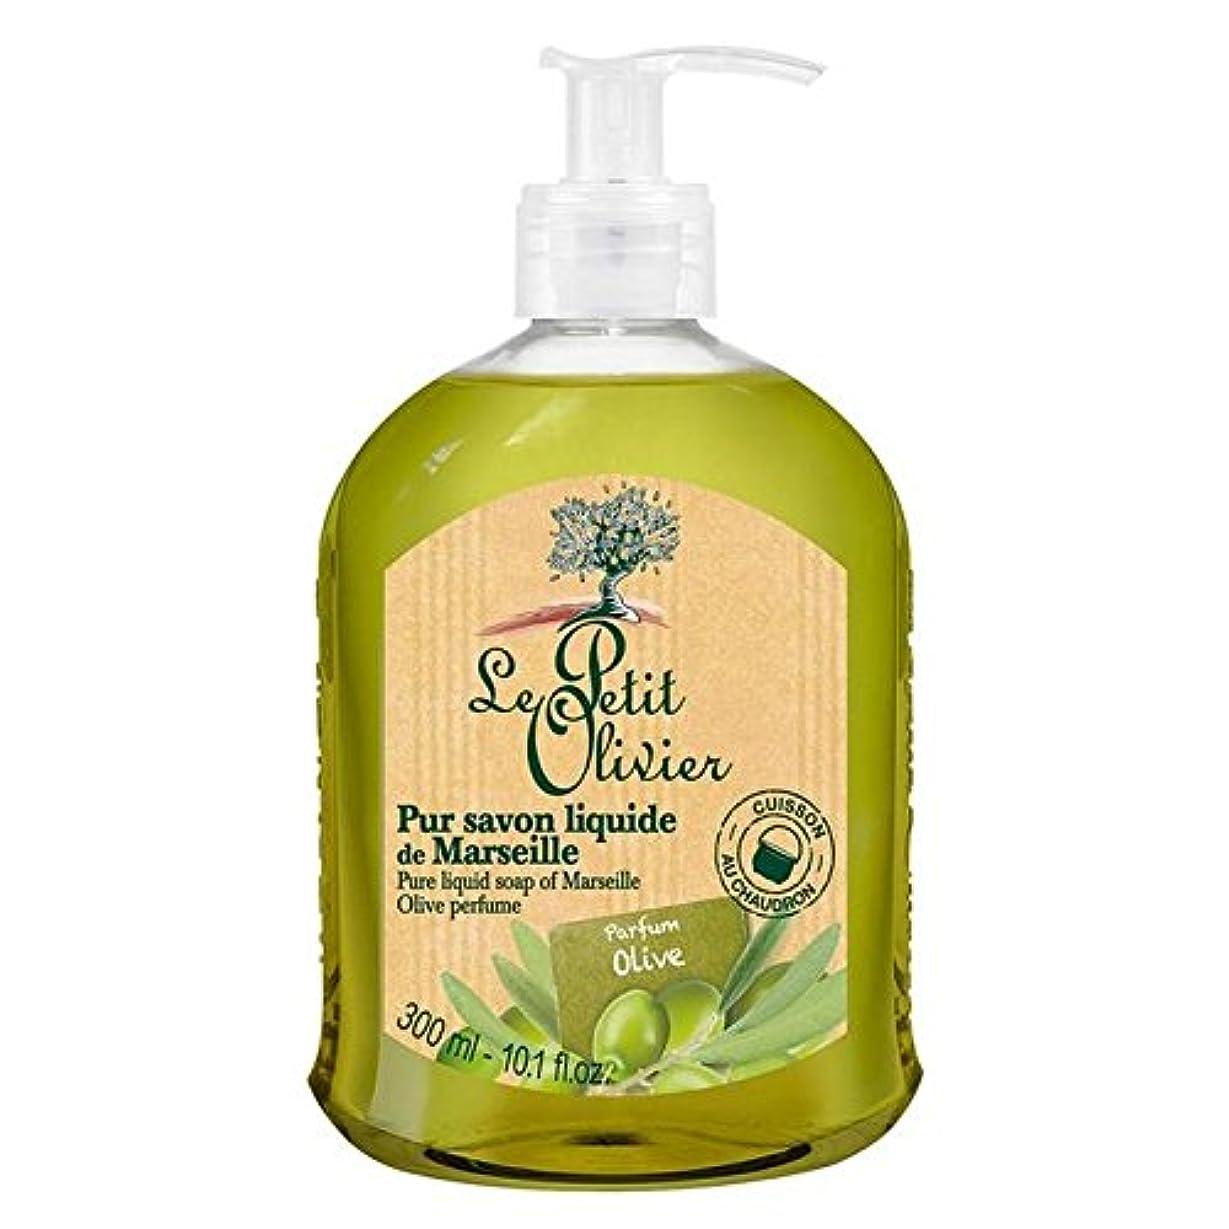 牽引ボーナス居間Le Petit Olivier Pure Liquid Soap of Marseille, Olive Oil 300ml - マルセイユのル?プティ?オリヴィエ純粋な液体石鹸、オリーブオイル300ミリリットル [並行輸入品]